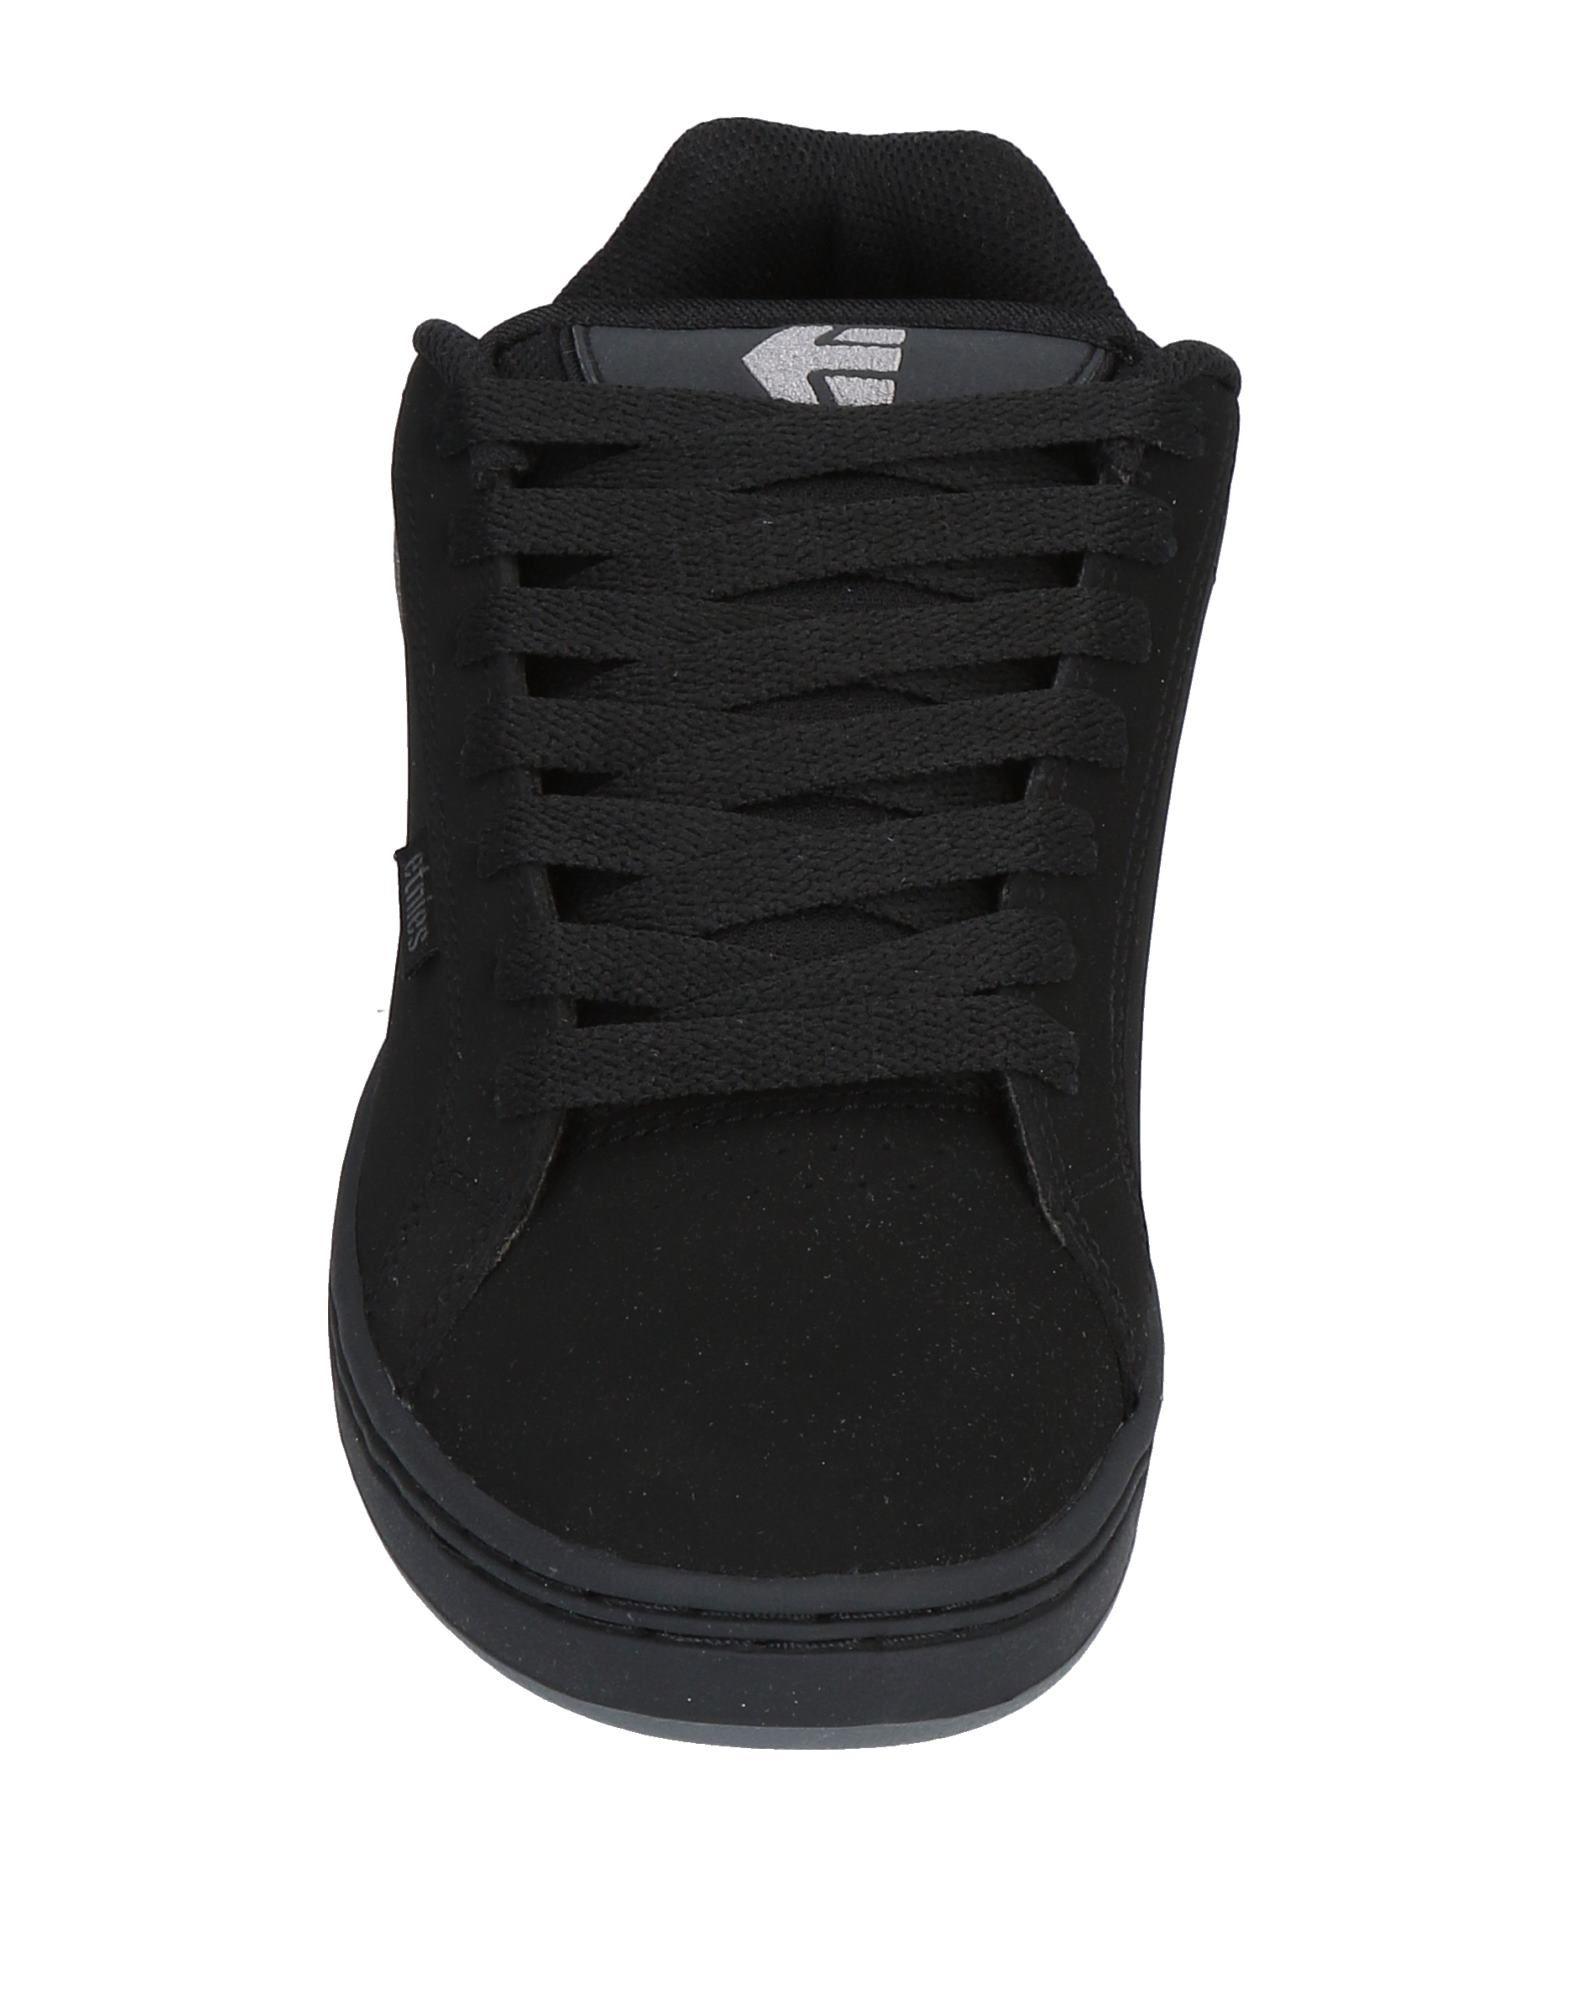 Rabatt Schuhe echte Schuhe Rabatt Etnies Sneakers Herren  11476459BK 5de3b8